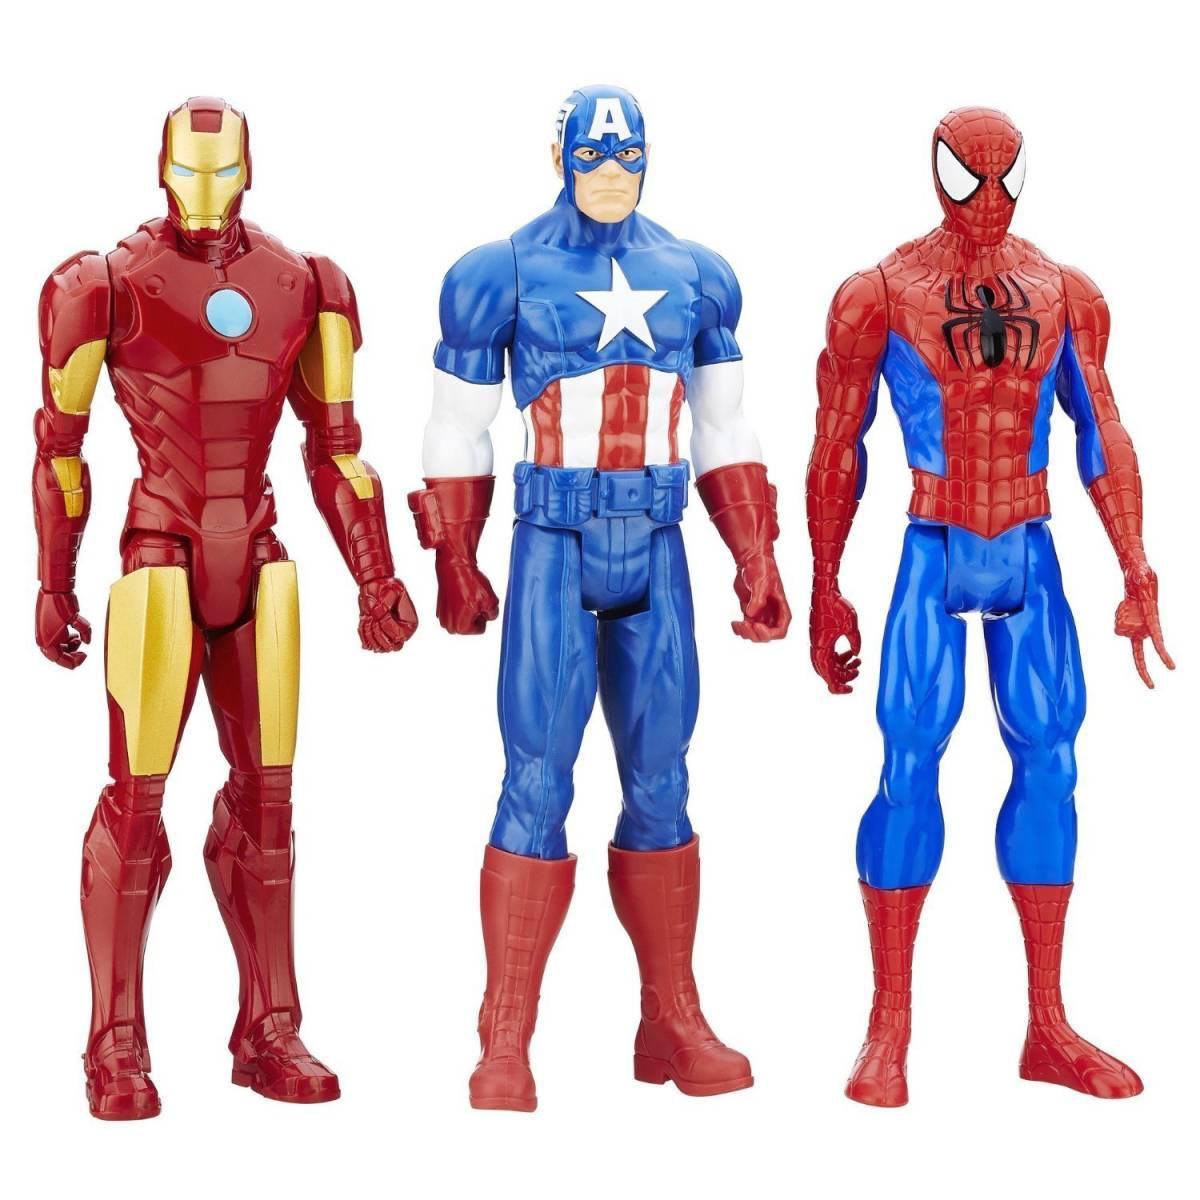 マーベル タイタンヒーロー Marvel Titan Hero キャプテン・アメリカ アイアンマン スパイダーマン フィギュア セット グッズの画像